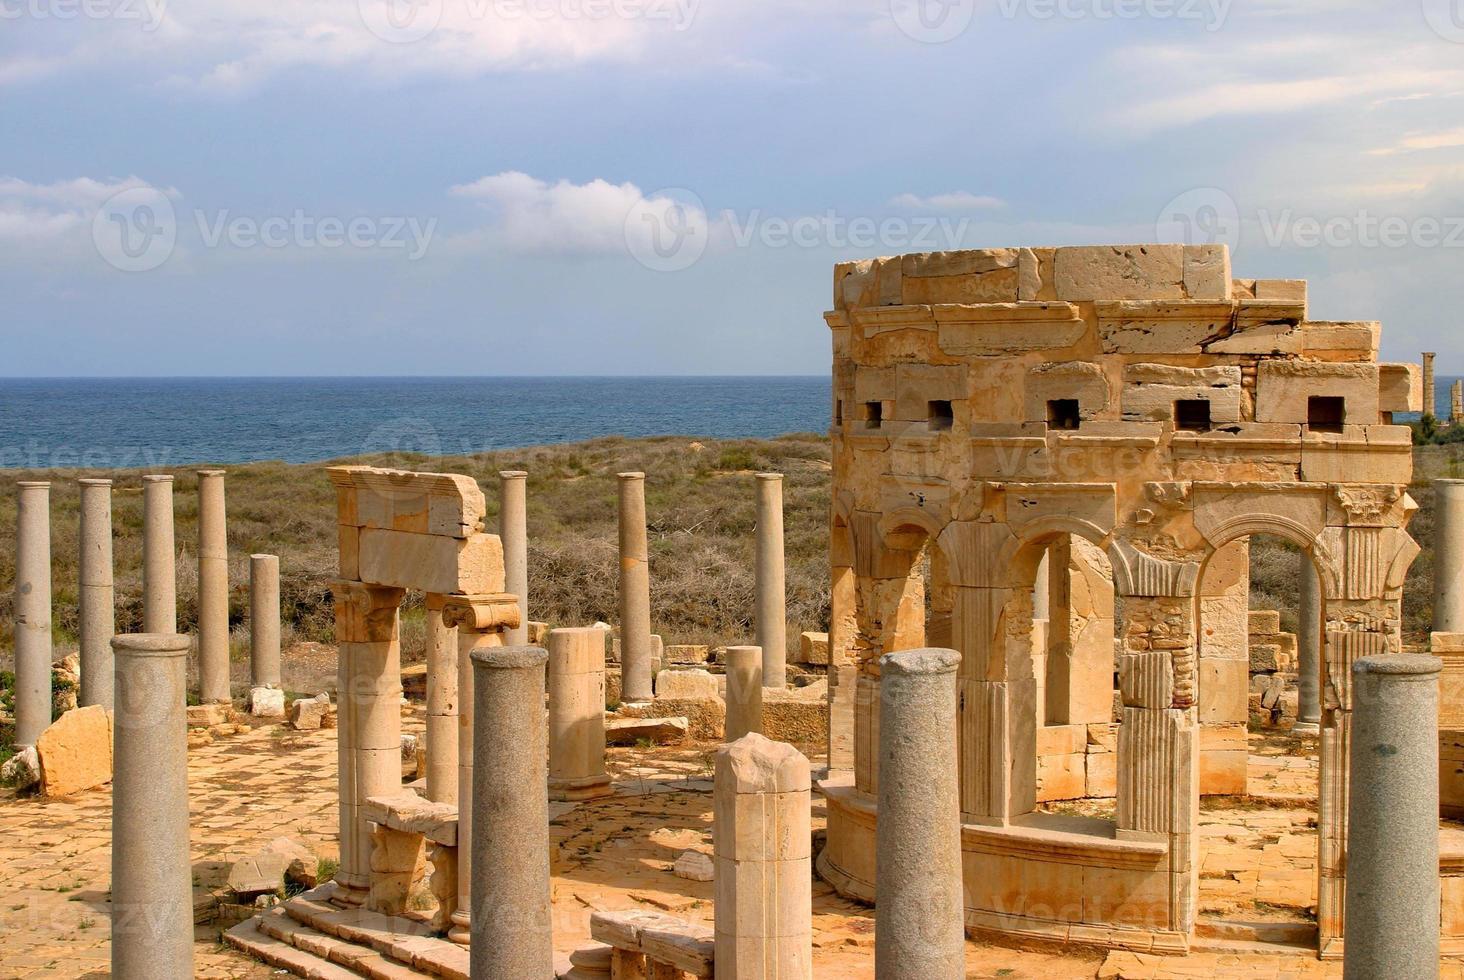 libye, tripoli, site archéologique romain de leptis magna. - site de l'unesco. photo